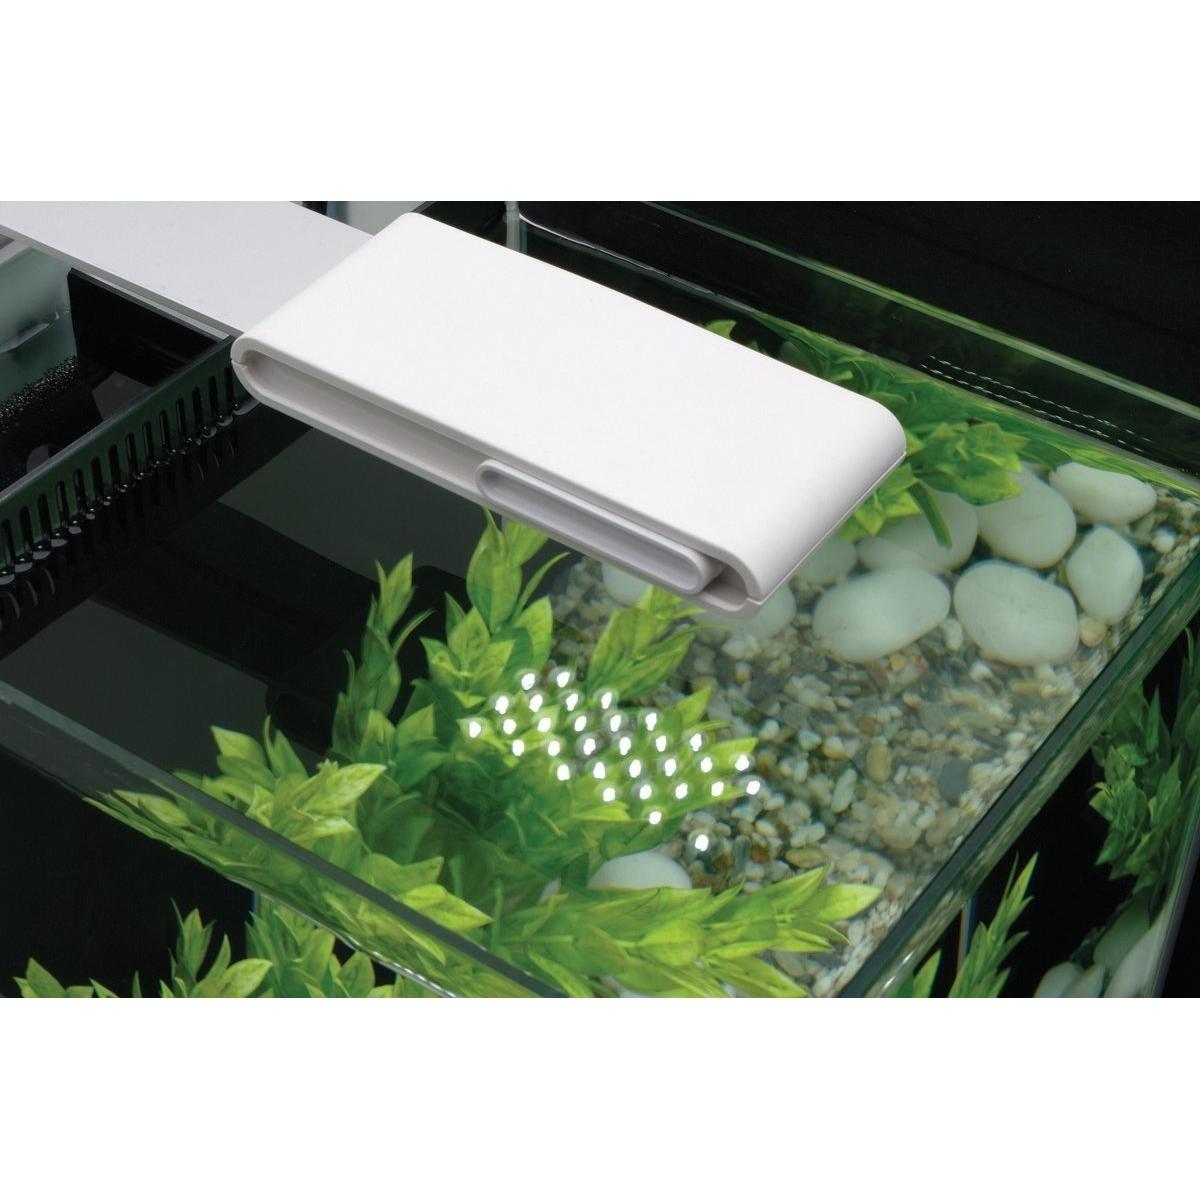 Fluval SPEC Süßwasser Aquarium Set Bild 6